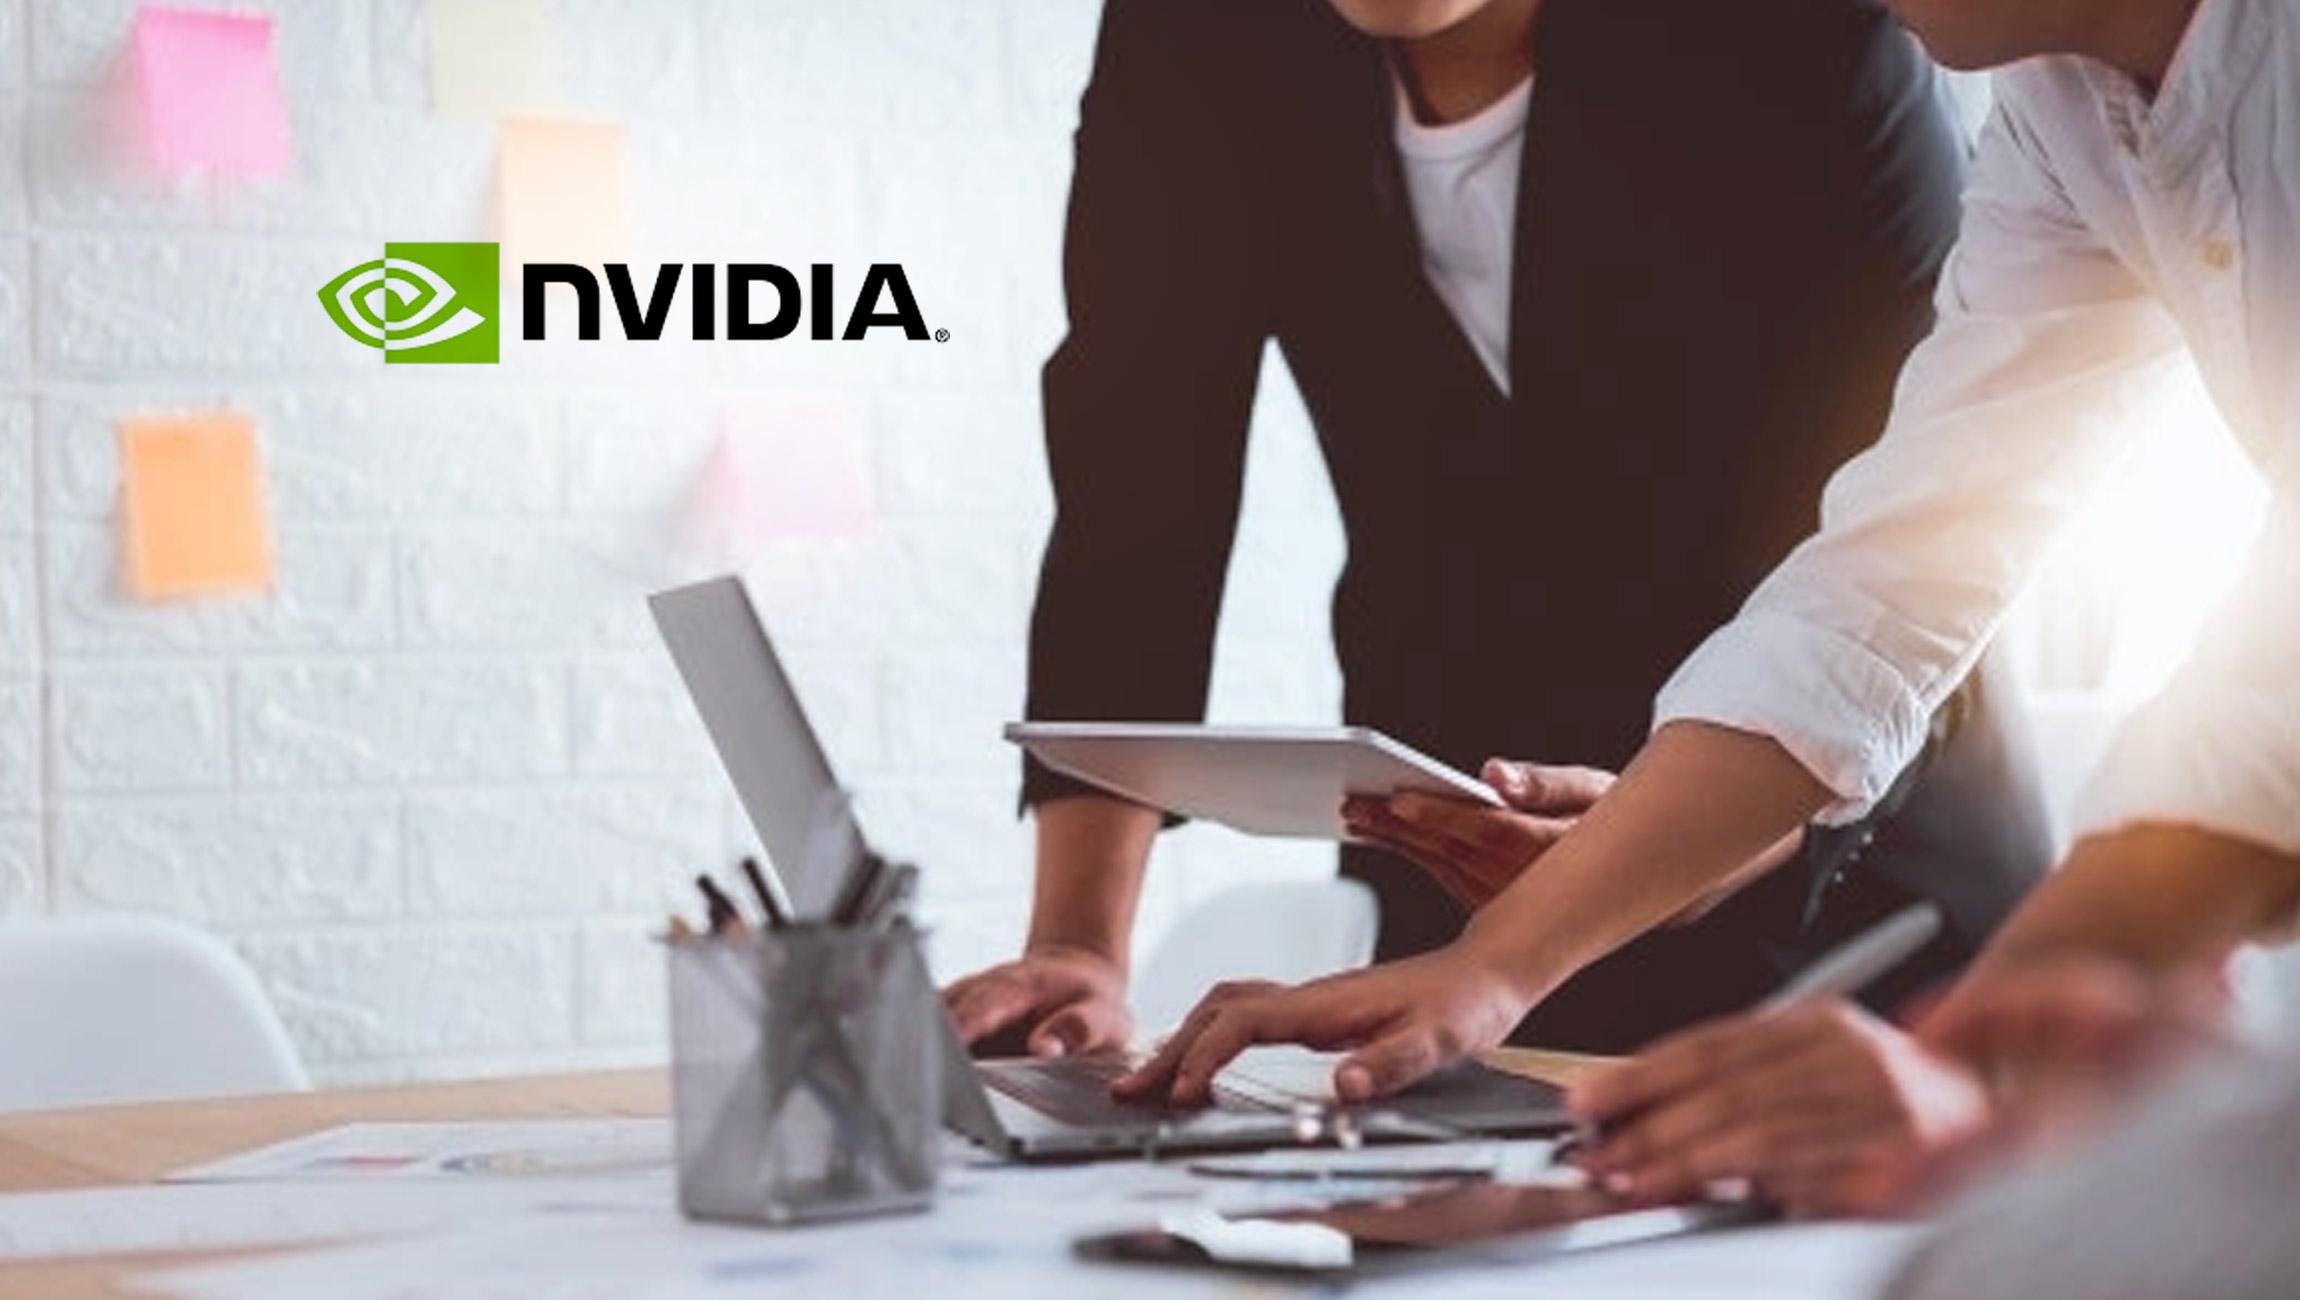 NVIDIA Announces Instant AI Infrastructure For Enterprises